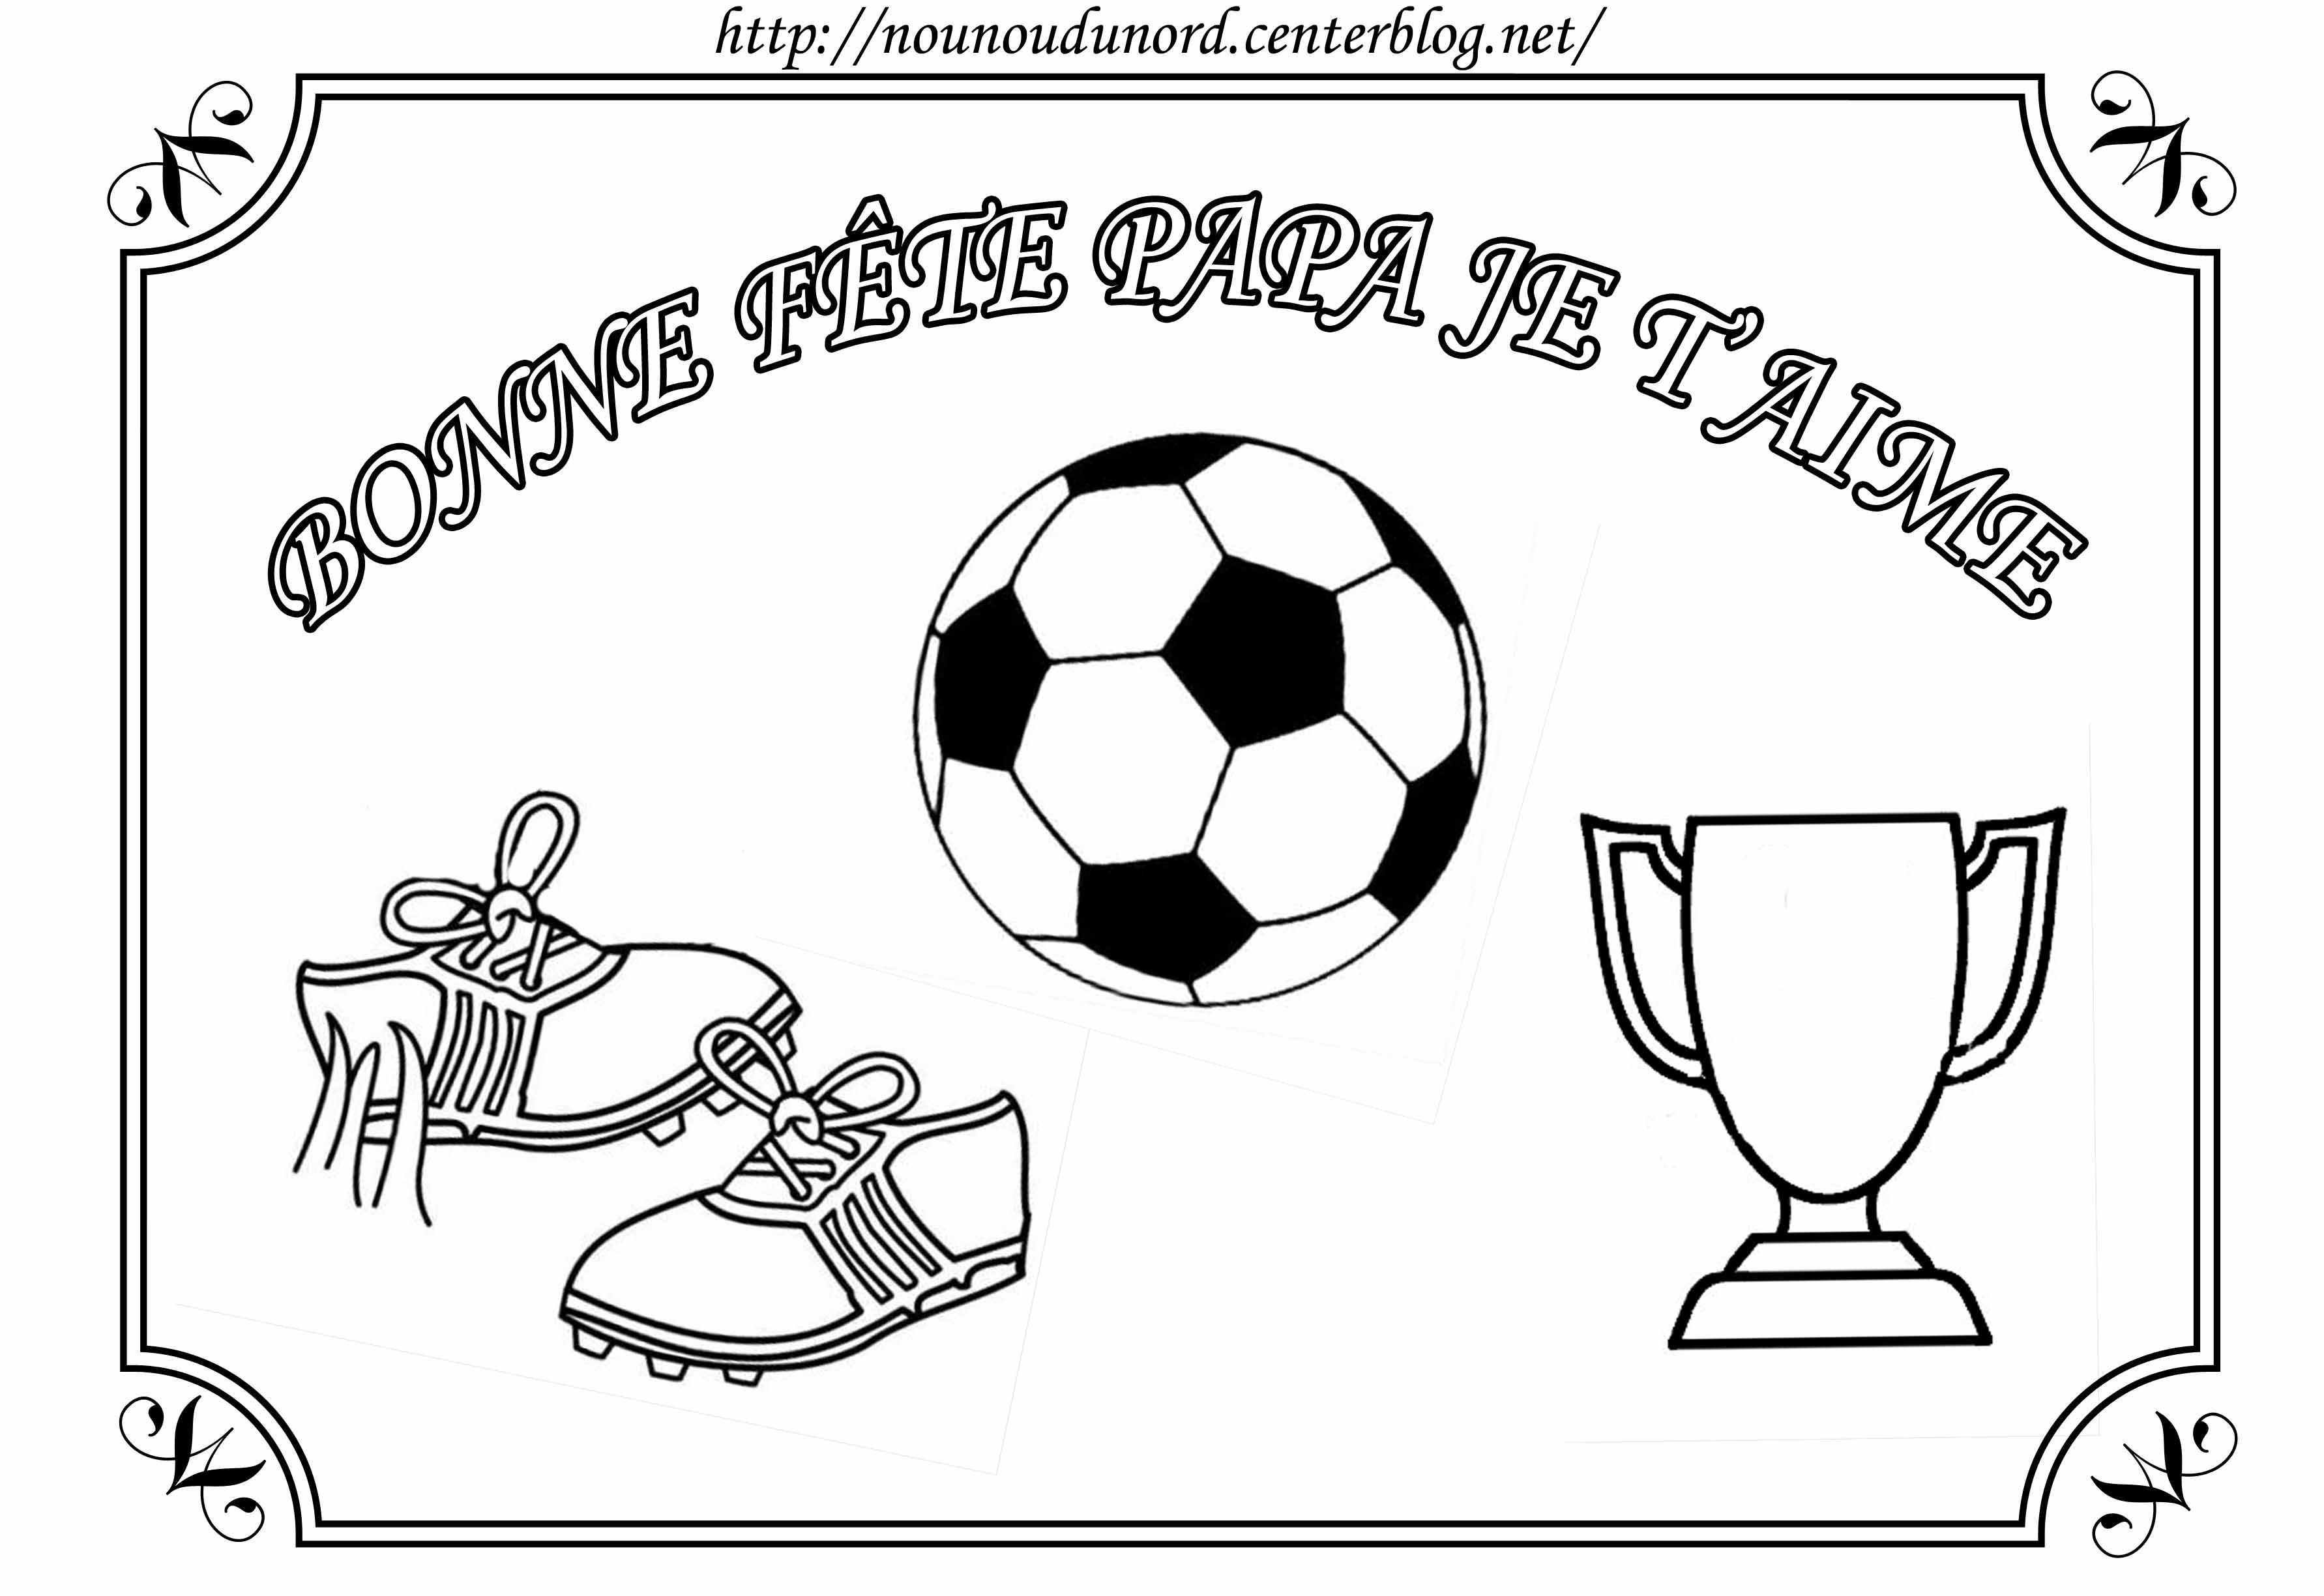 Coloriage Foot Pour La Fête Des Pères Par Nounoudunord destiné Dessin Fete Des Pere